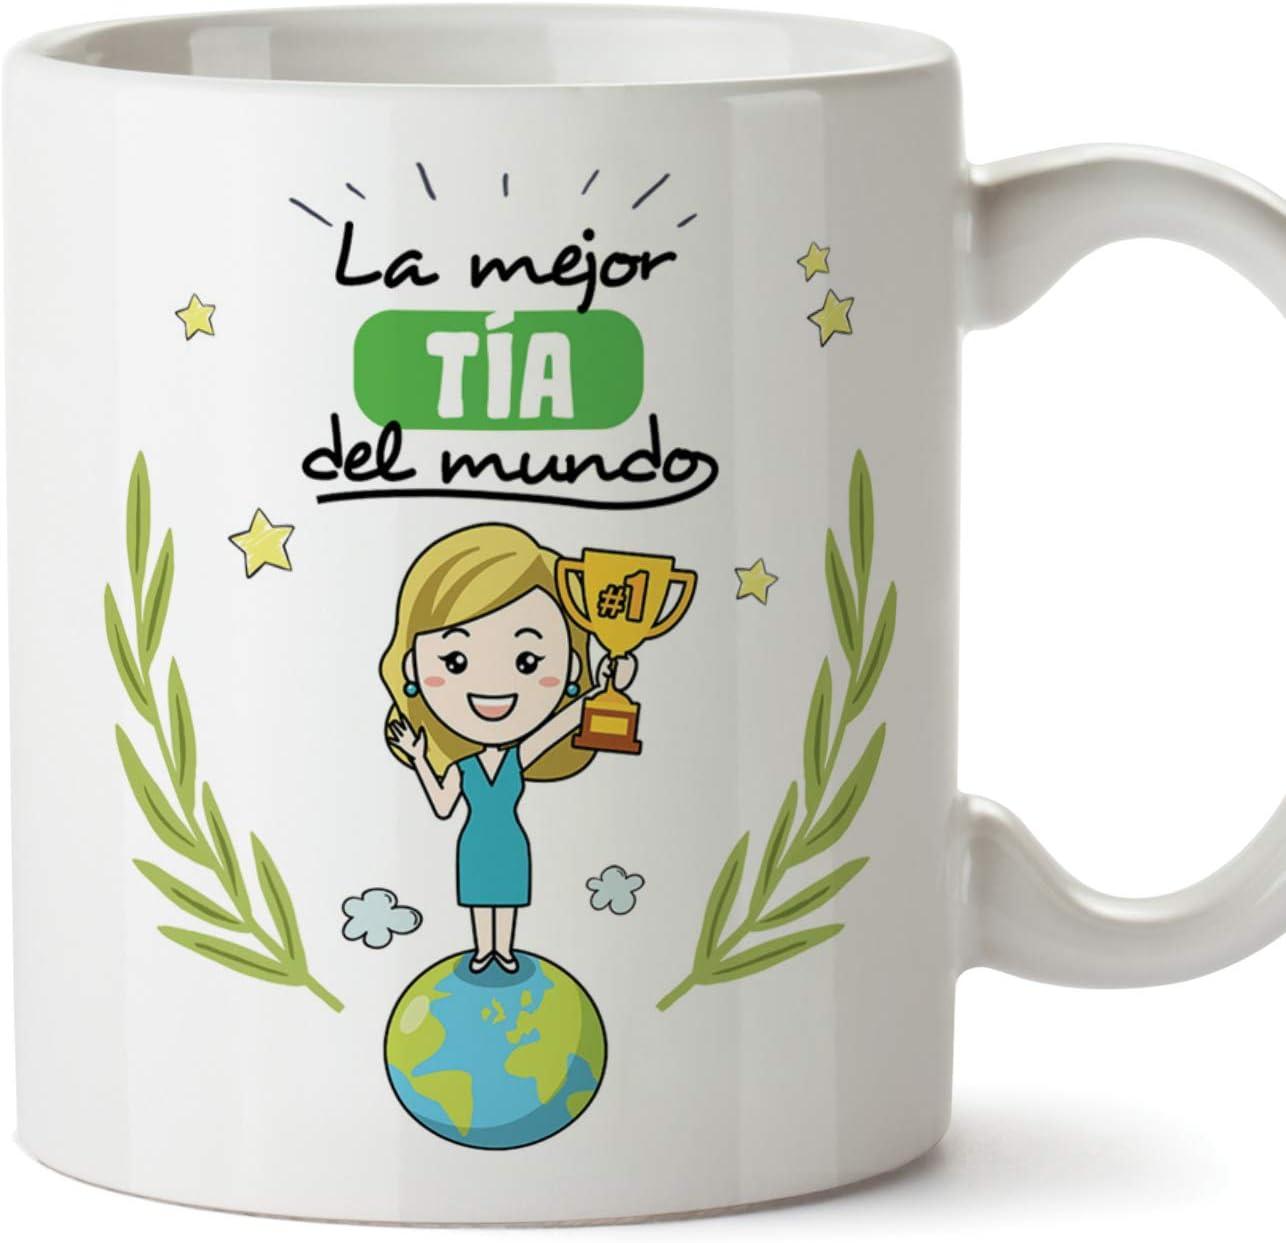 MUGFFINS Tazas Tía - La Mejor Tía del Mundo -Taza Desayuno Original/Idea Regalo Cumpleaños. Cerámica 350 mL